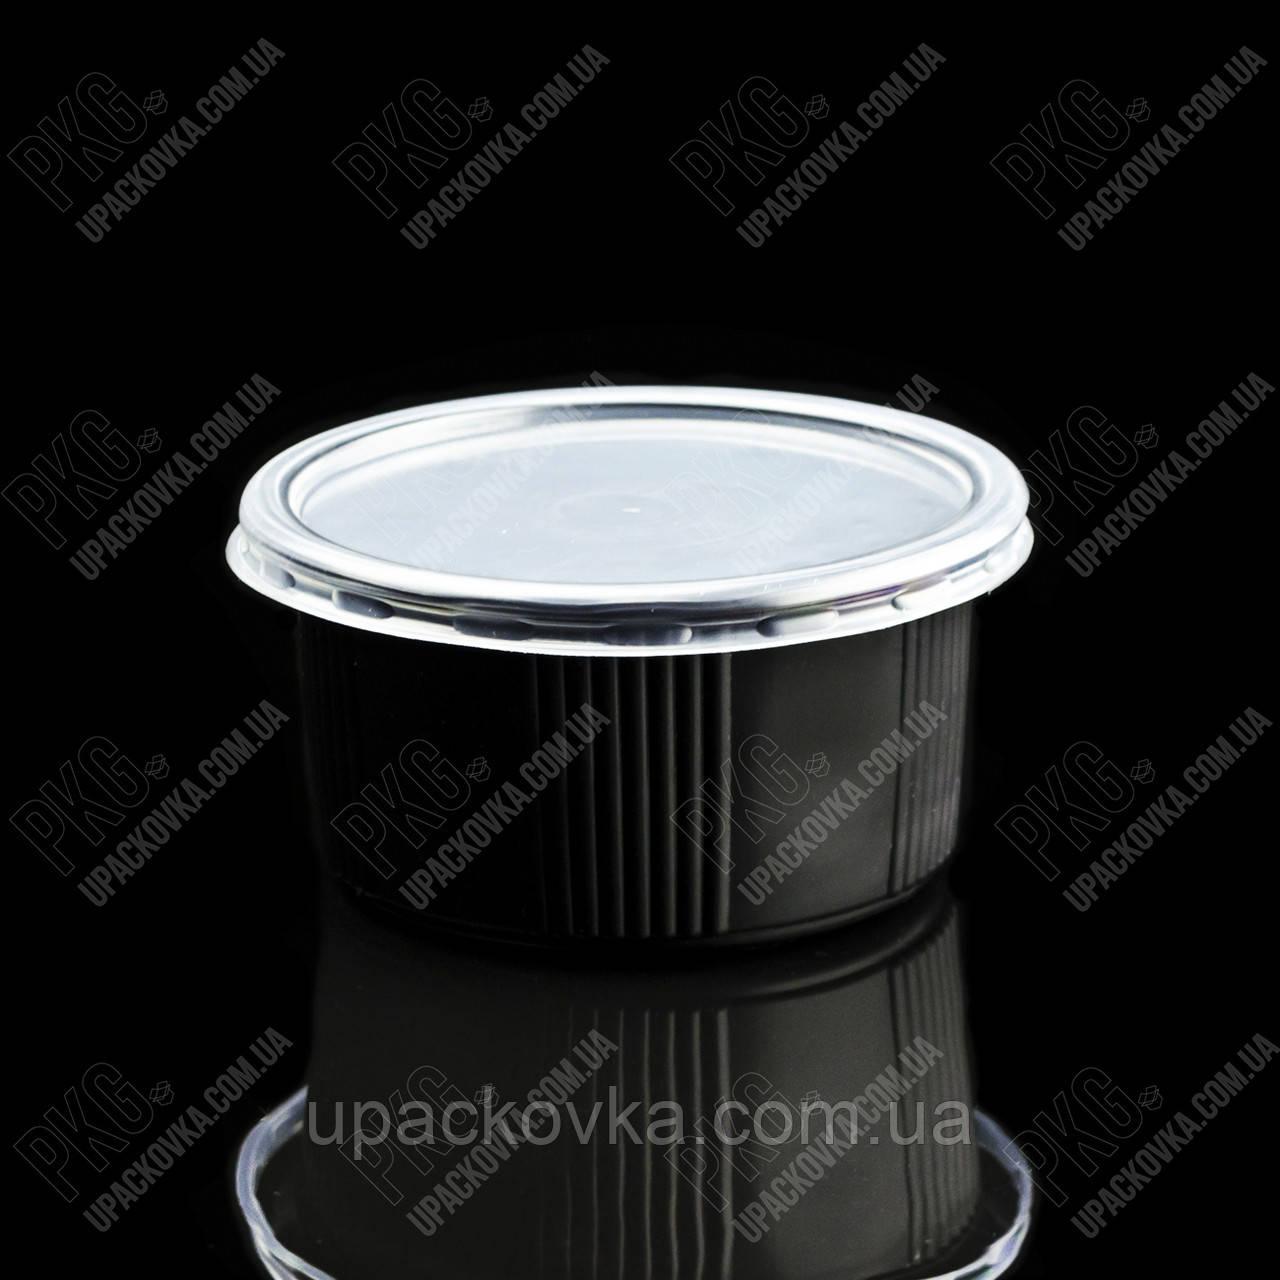 Контейнер круглый с крышкой К 115, 350 мл, PP, Черный